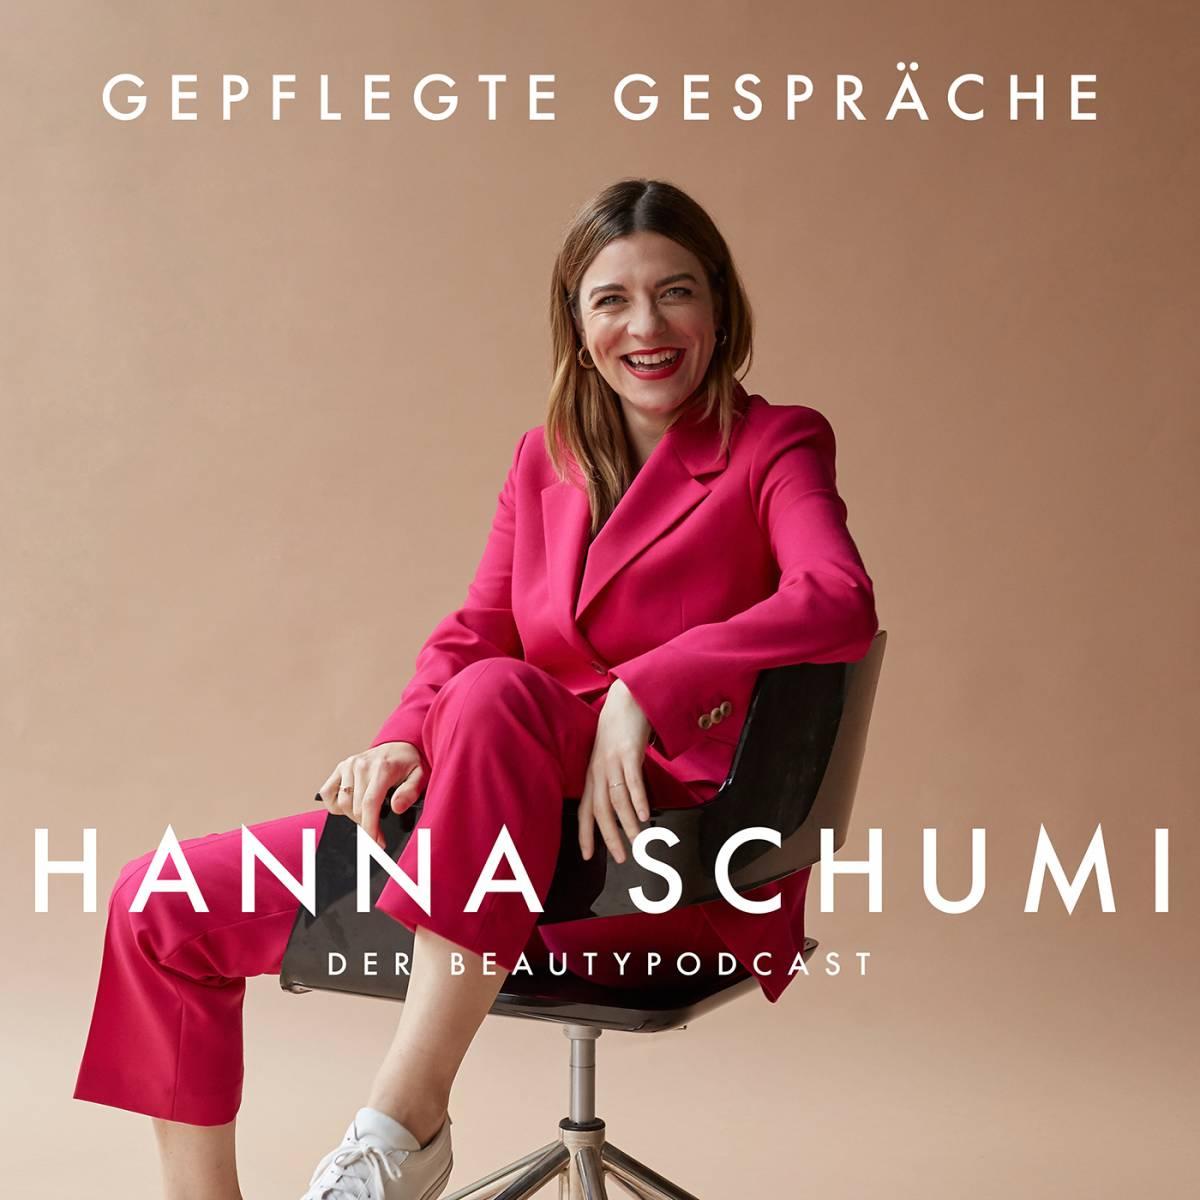 Hanna Schumi Podcast Gepflegte Gespräche